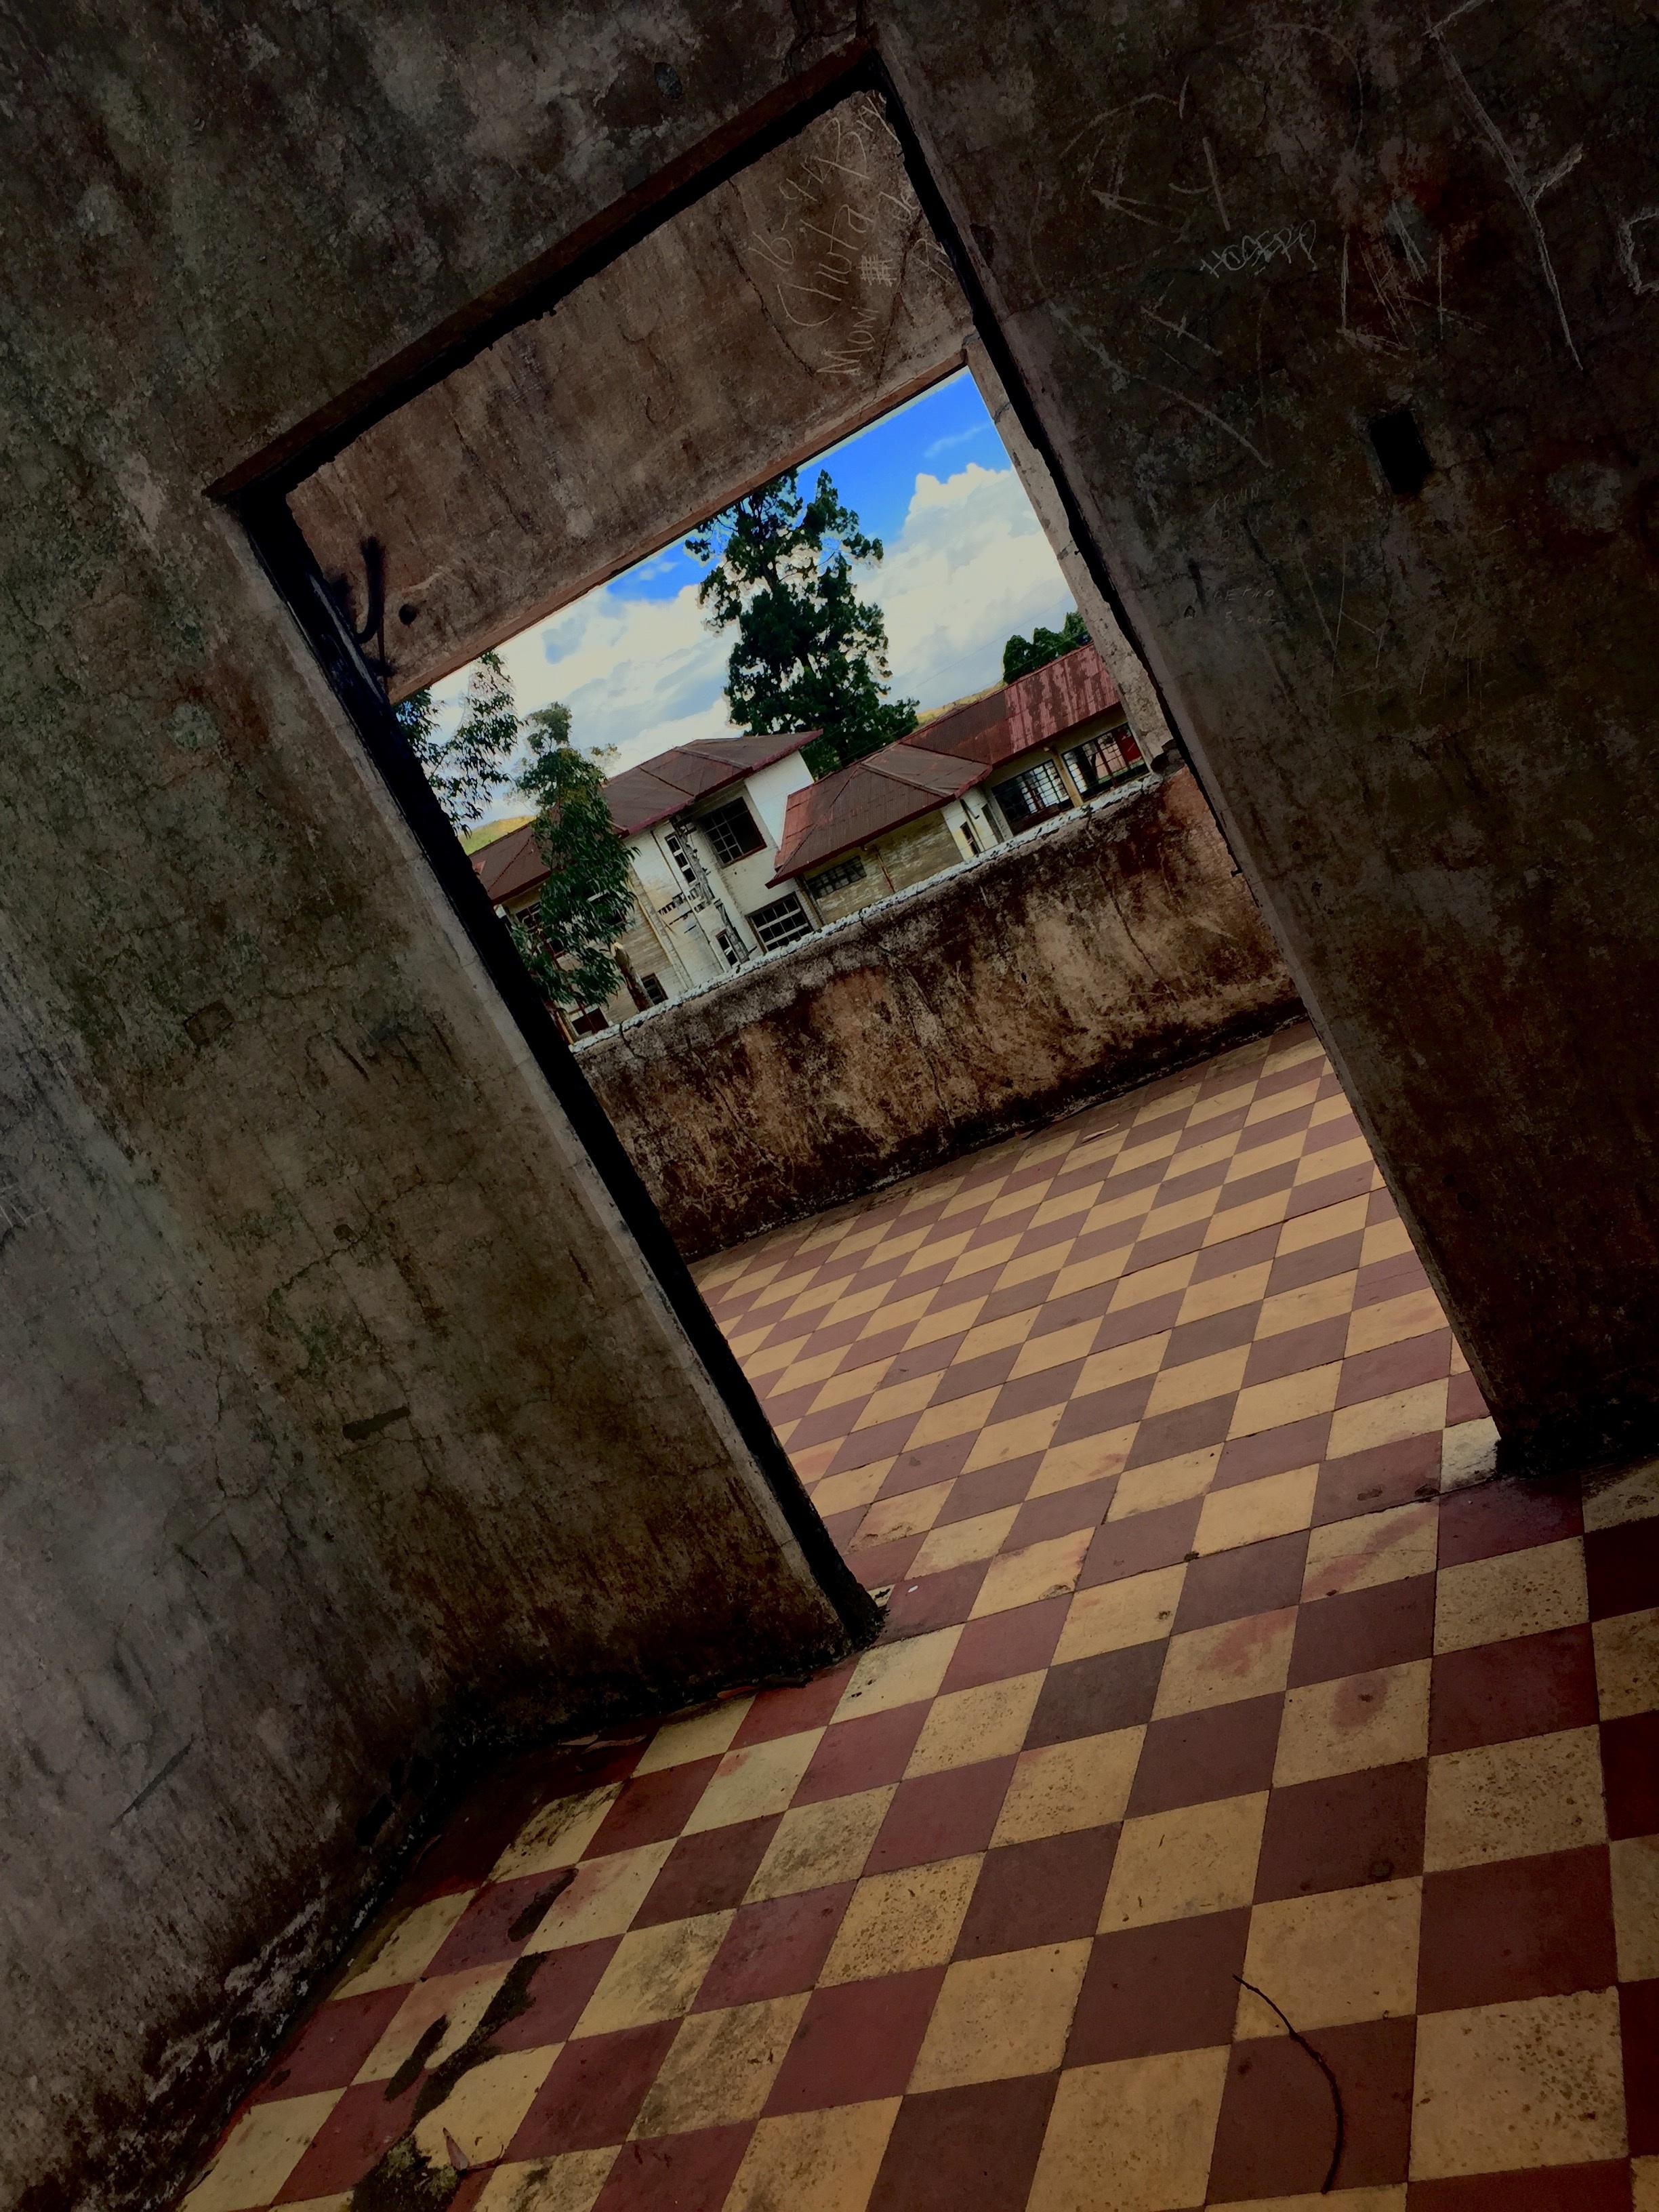 무료 이미지 : 빛, 목재, 집, 바닥, 창문, 색깔, 벽돌, 인테리어 ...